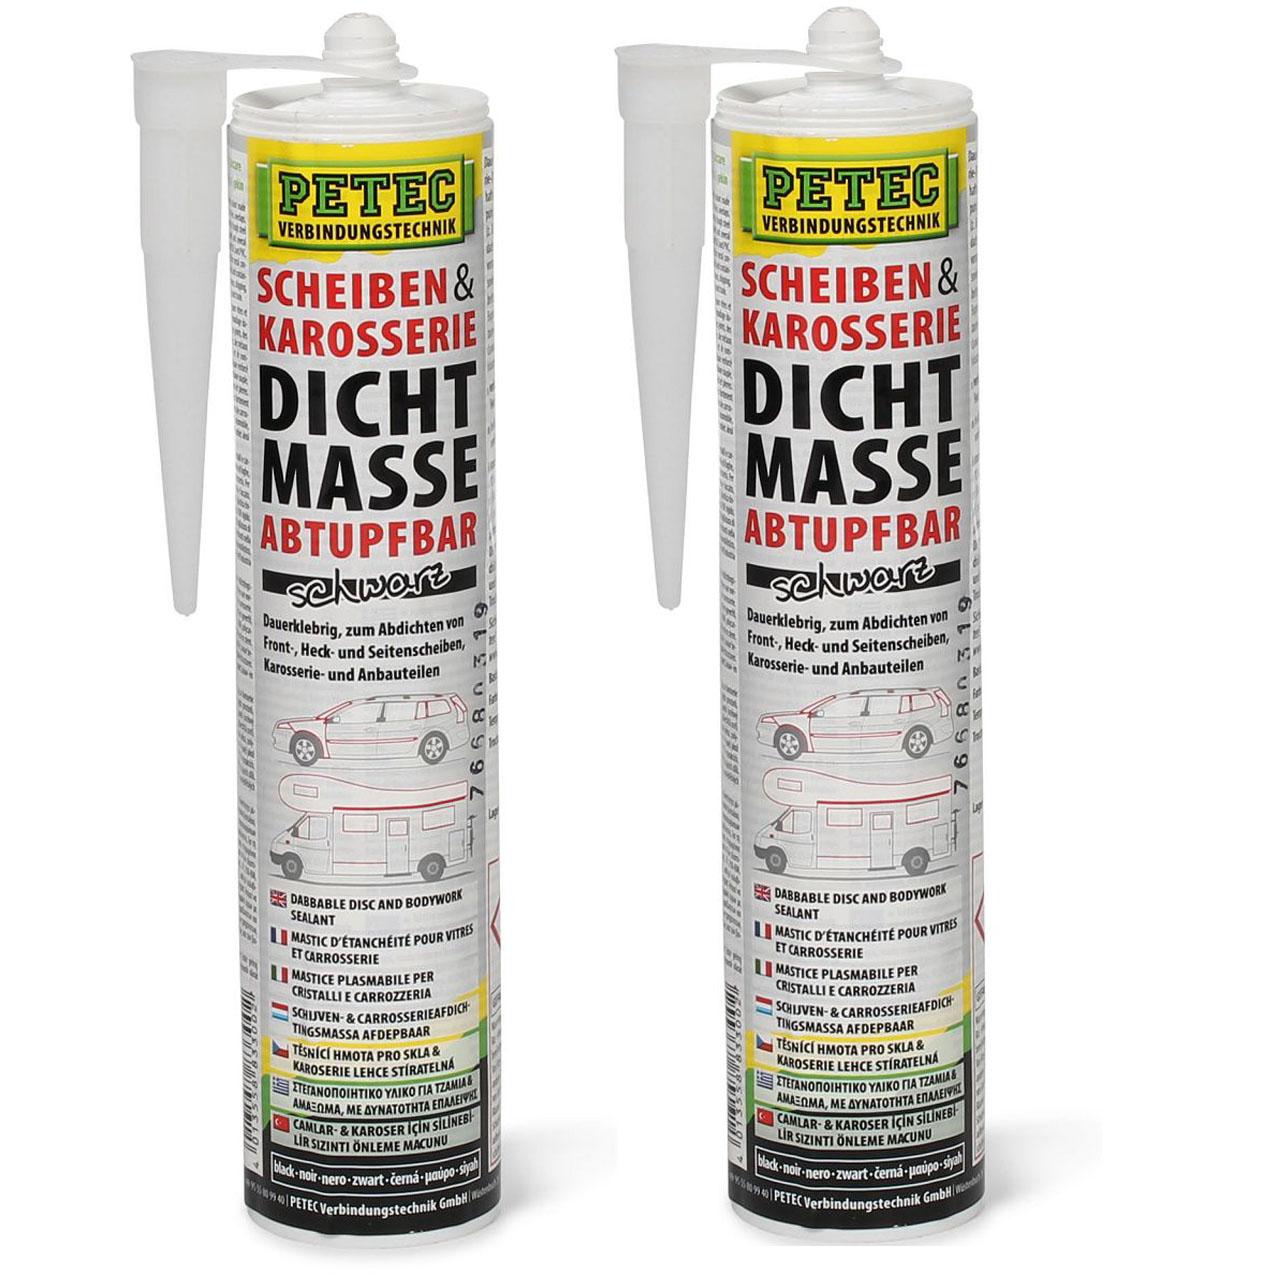 PETEC 83300 Scheiben & Karosserie Dichtmasse Karosseriedichtstoff 620ml SCHWARZ